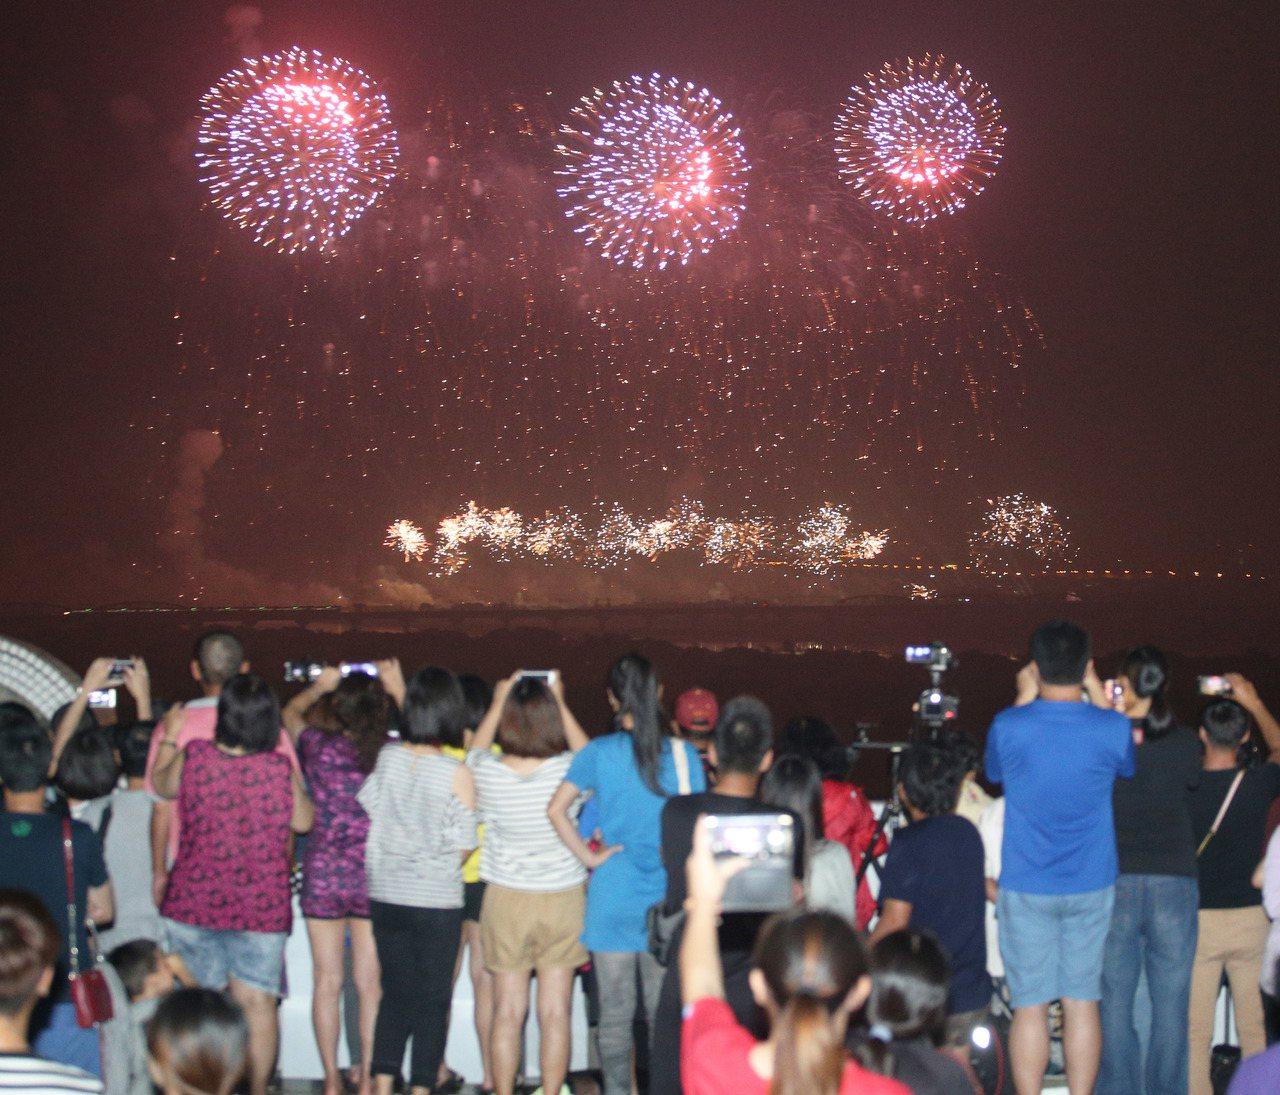 國慶焰火在高屏溪屏東河濱公園施放,長達42分鐘,璀璨煙火在高屏夜空綻放,讓上萬民...